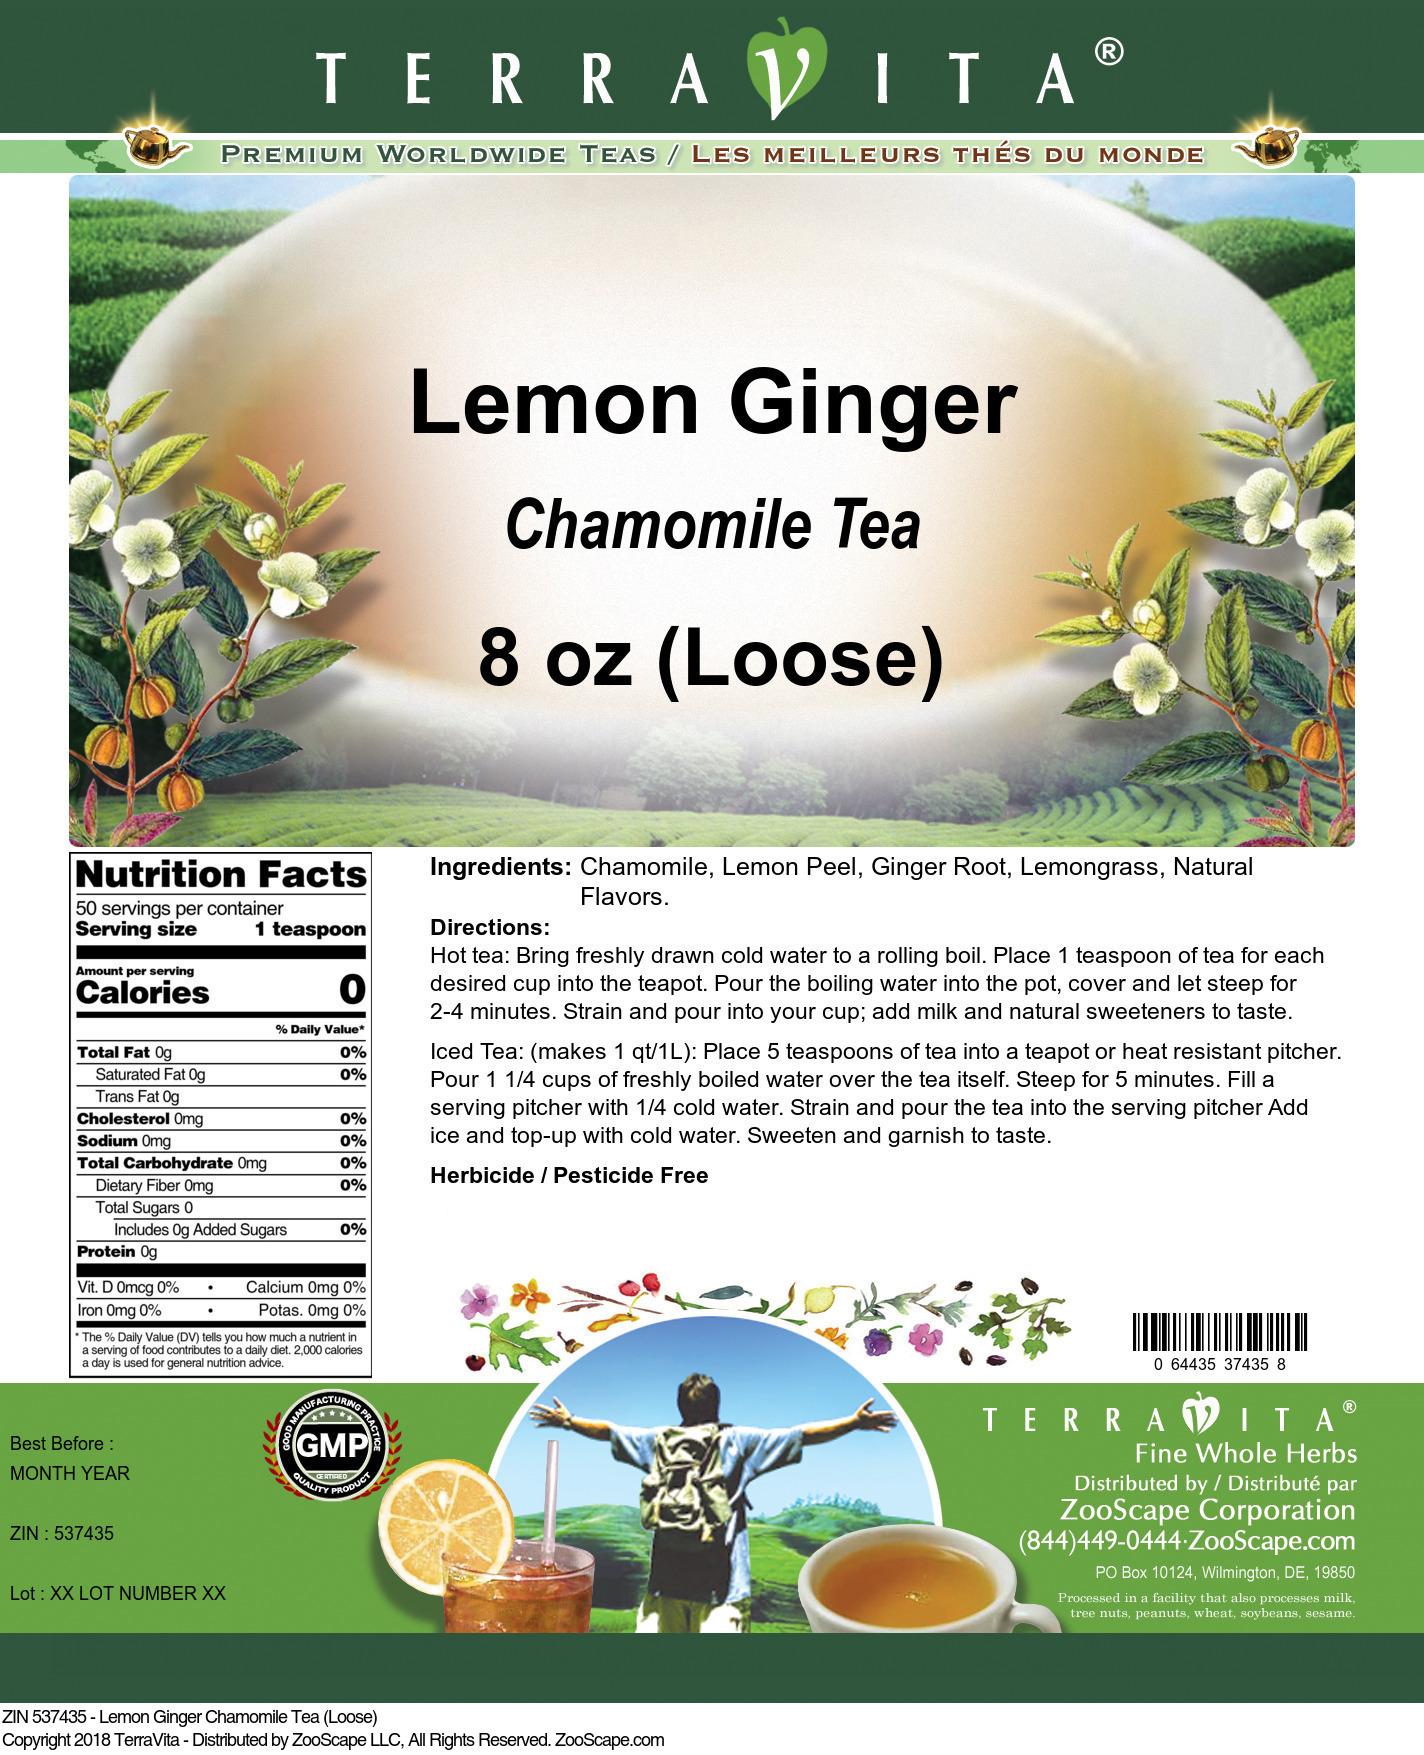 Lemon Ginger Chamomile Tea